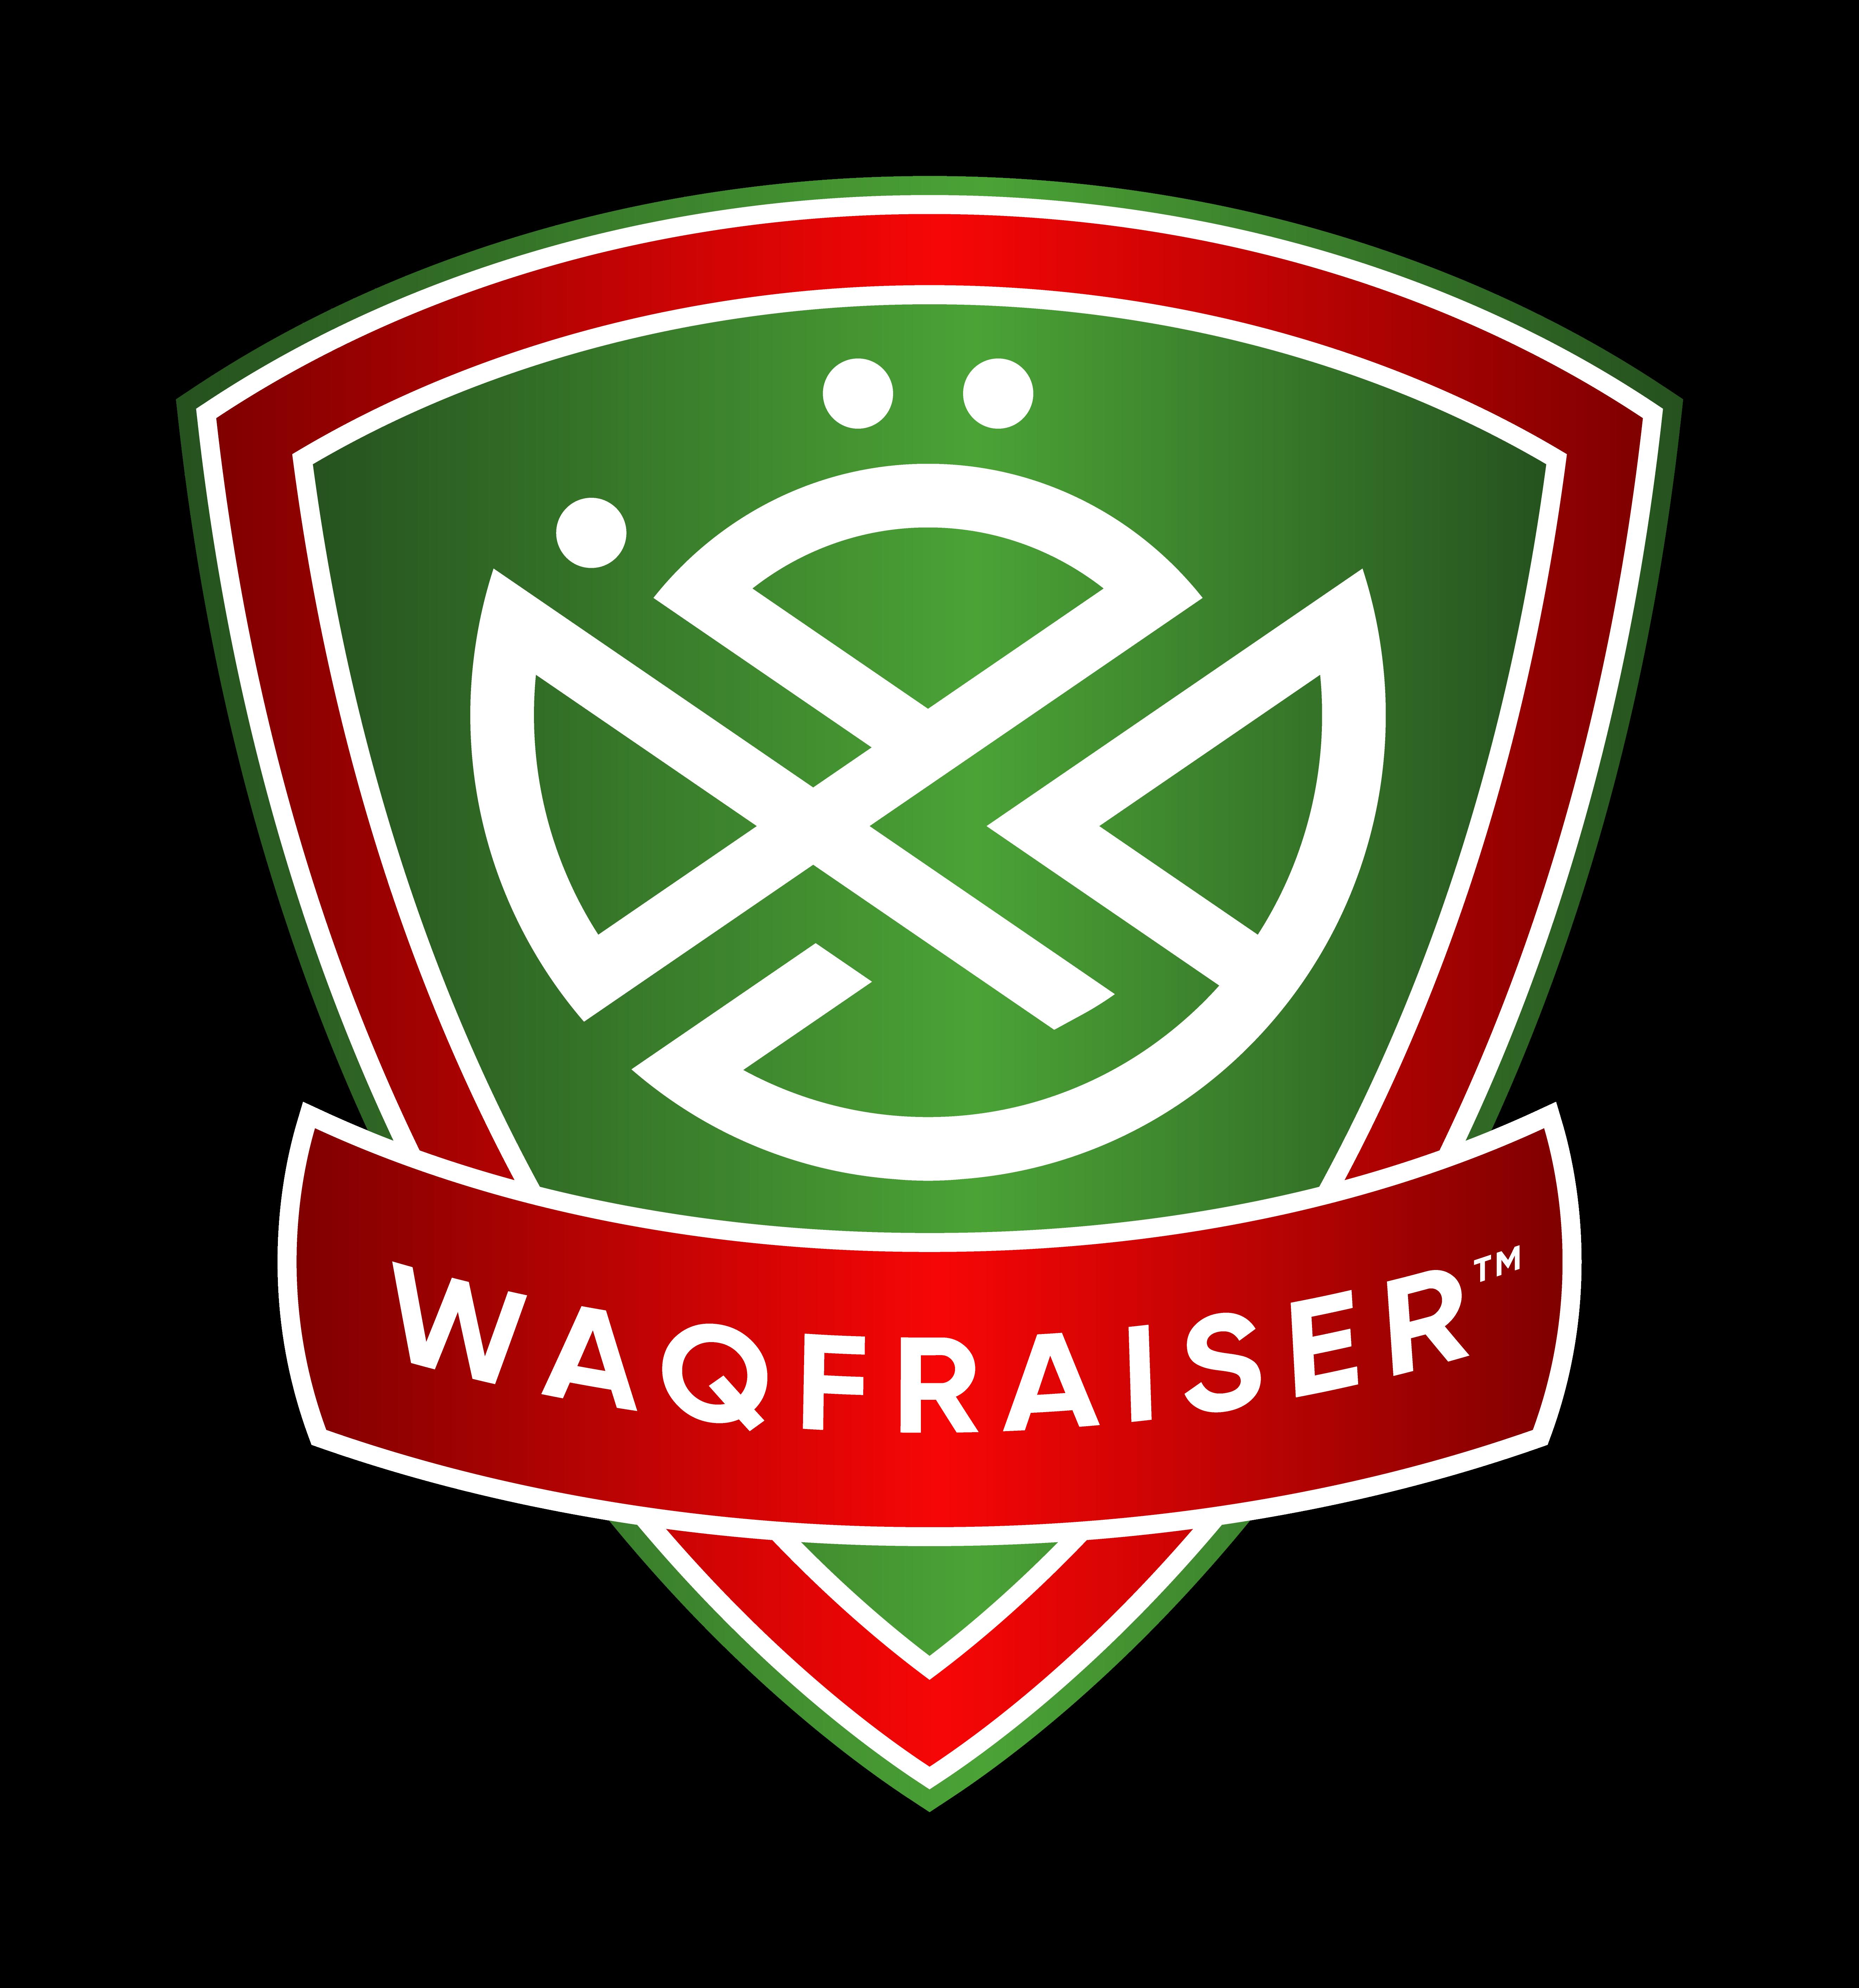 WAQFRAISER™